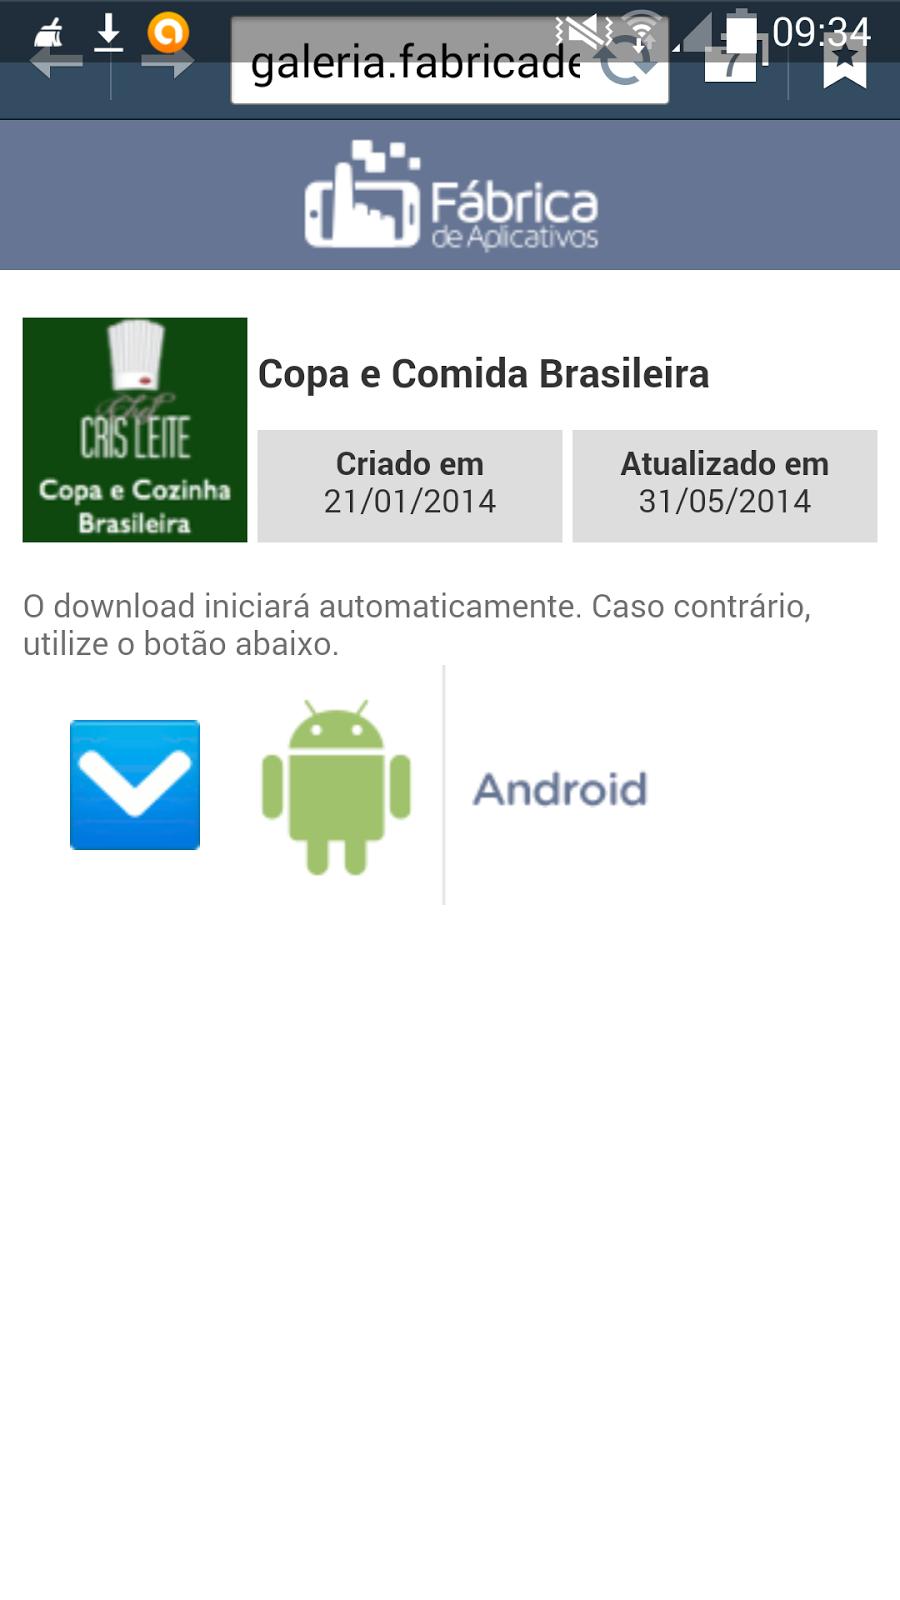 App Copa e Comida Brasileira - Chef Cris Leite